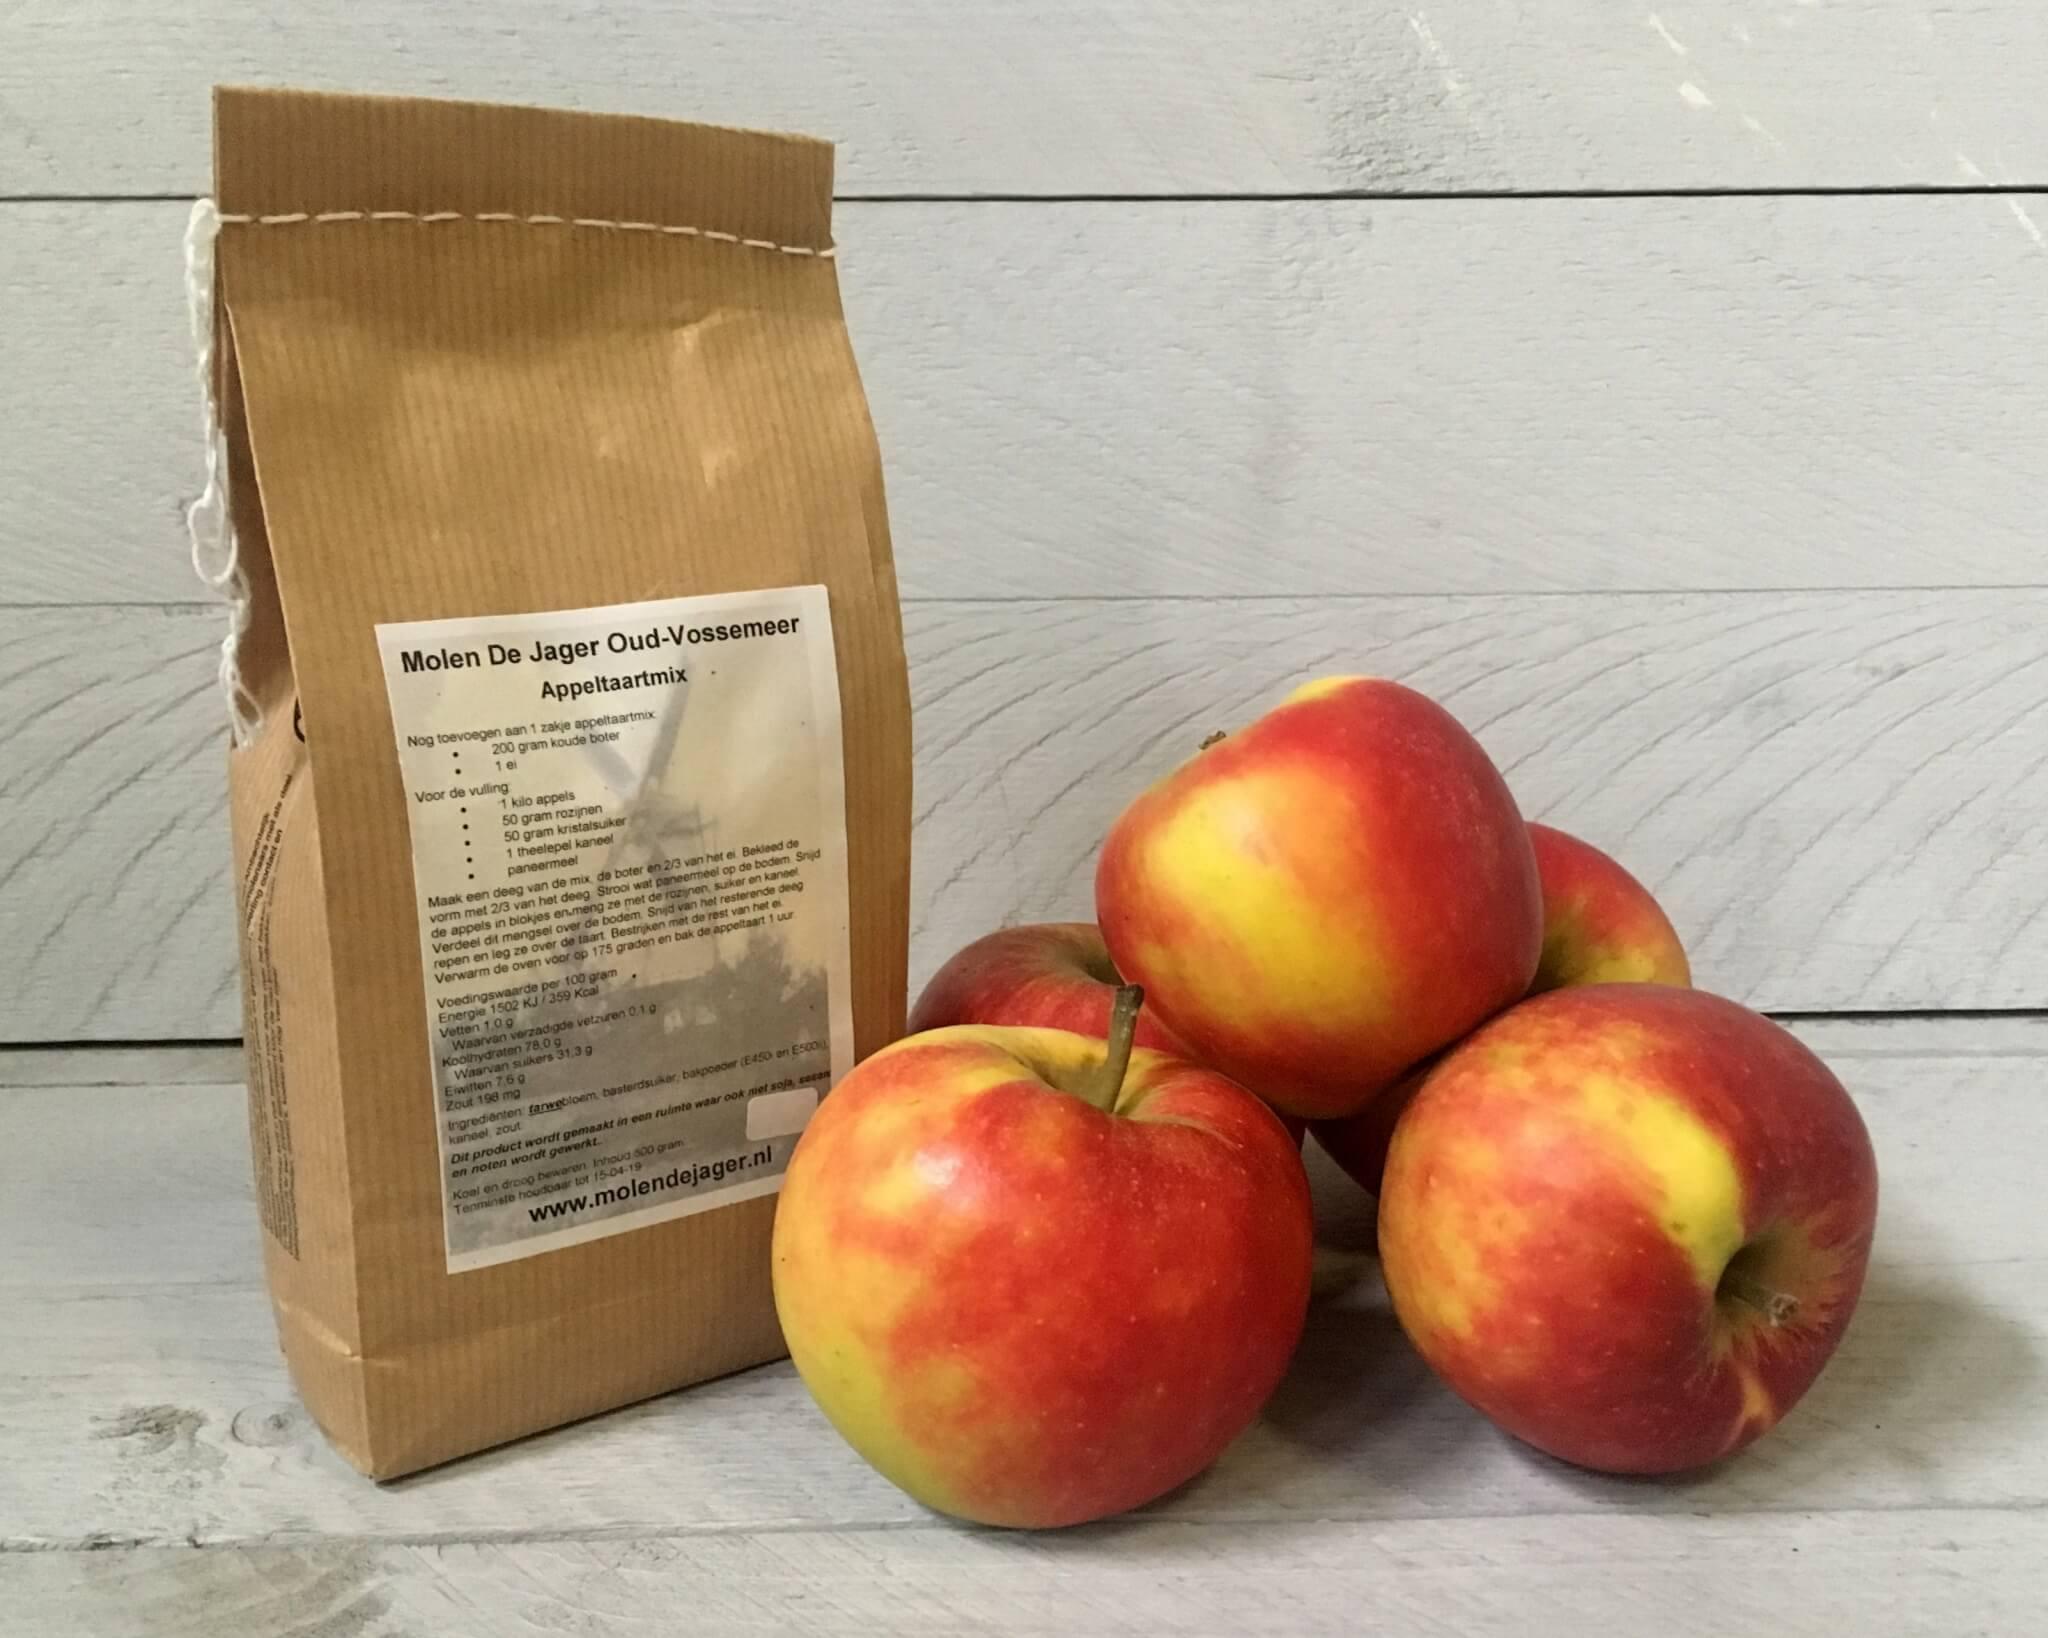 Fruitbedrijf Van den Berge appeltaart-Elstar